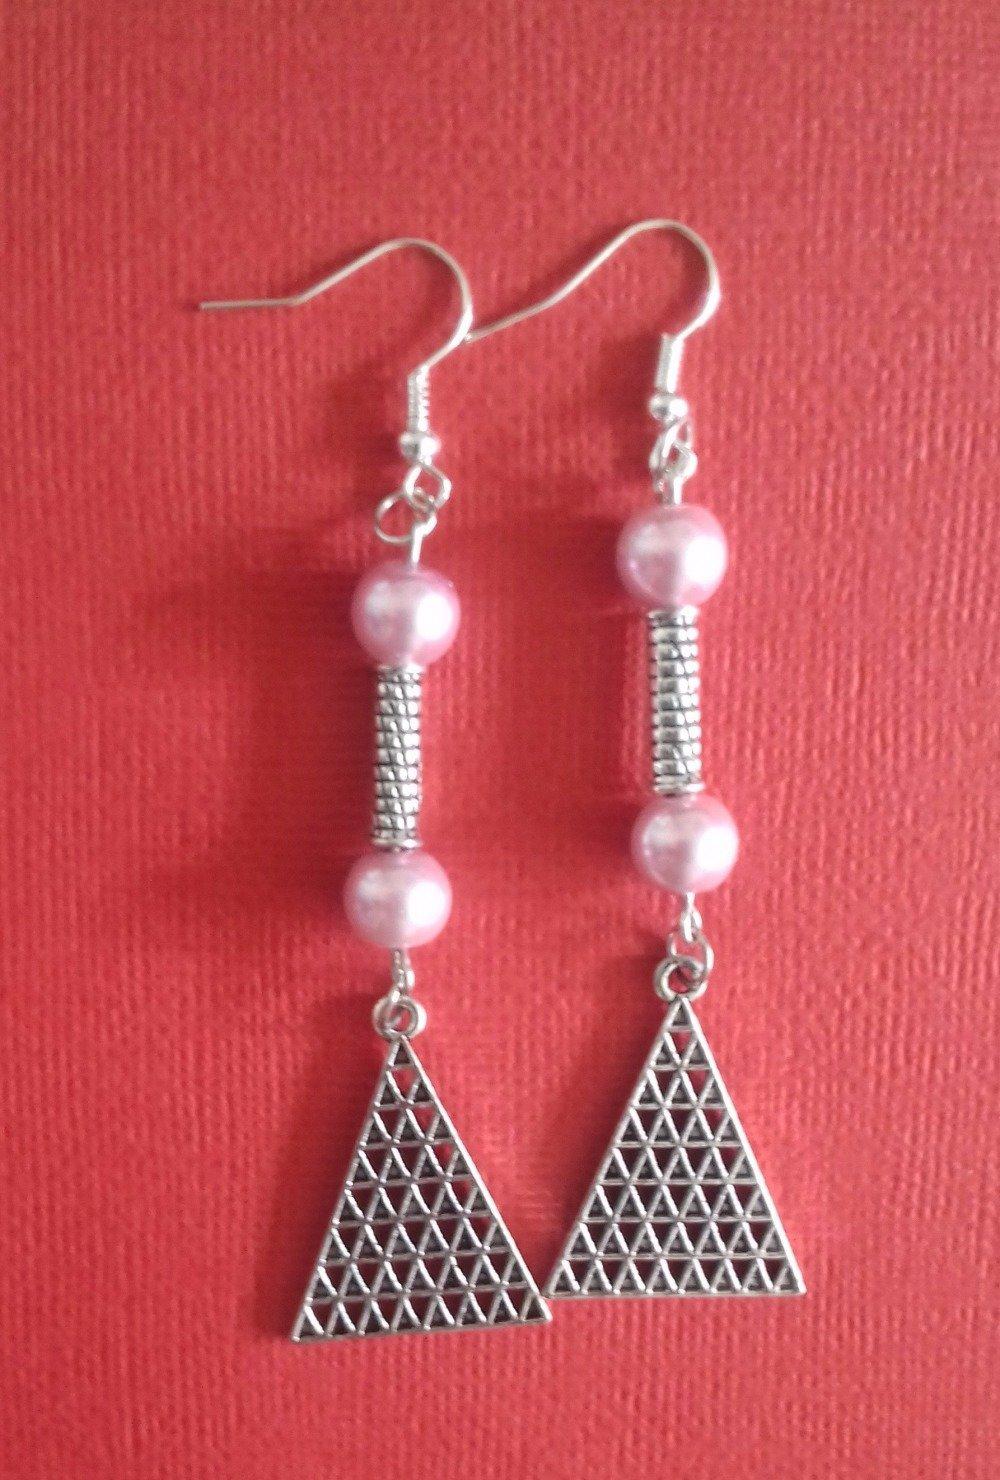 Boucles d'oreilles argenté et perles